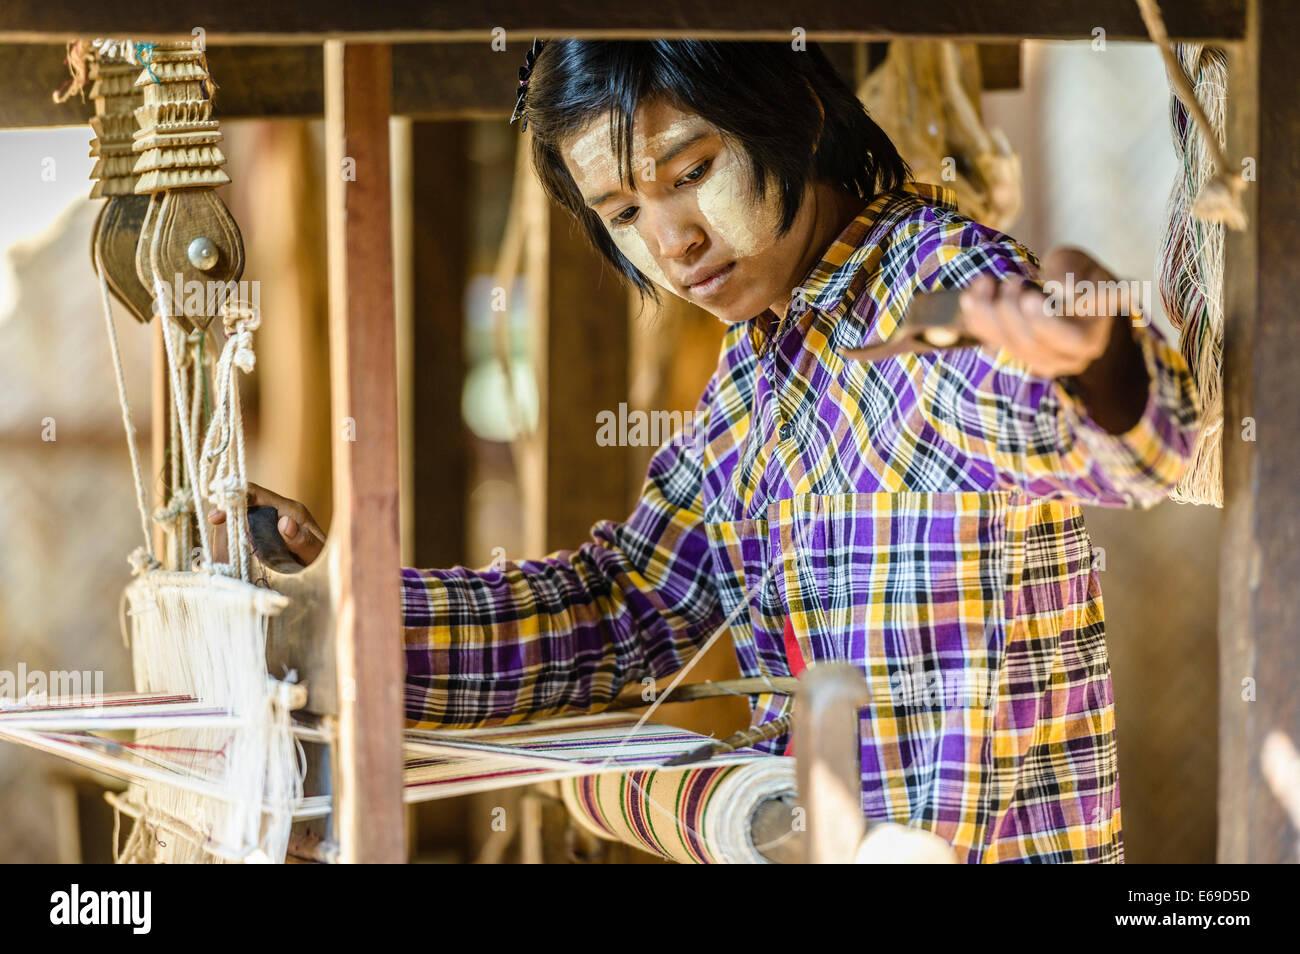 Tejido tejido muchacha asiática Imagen De Stock